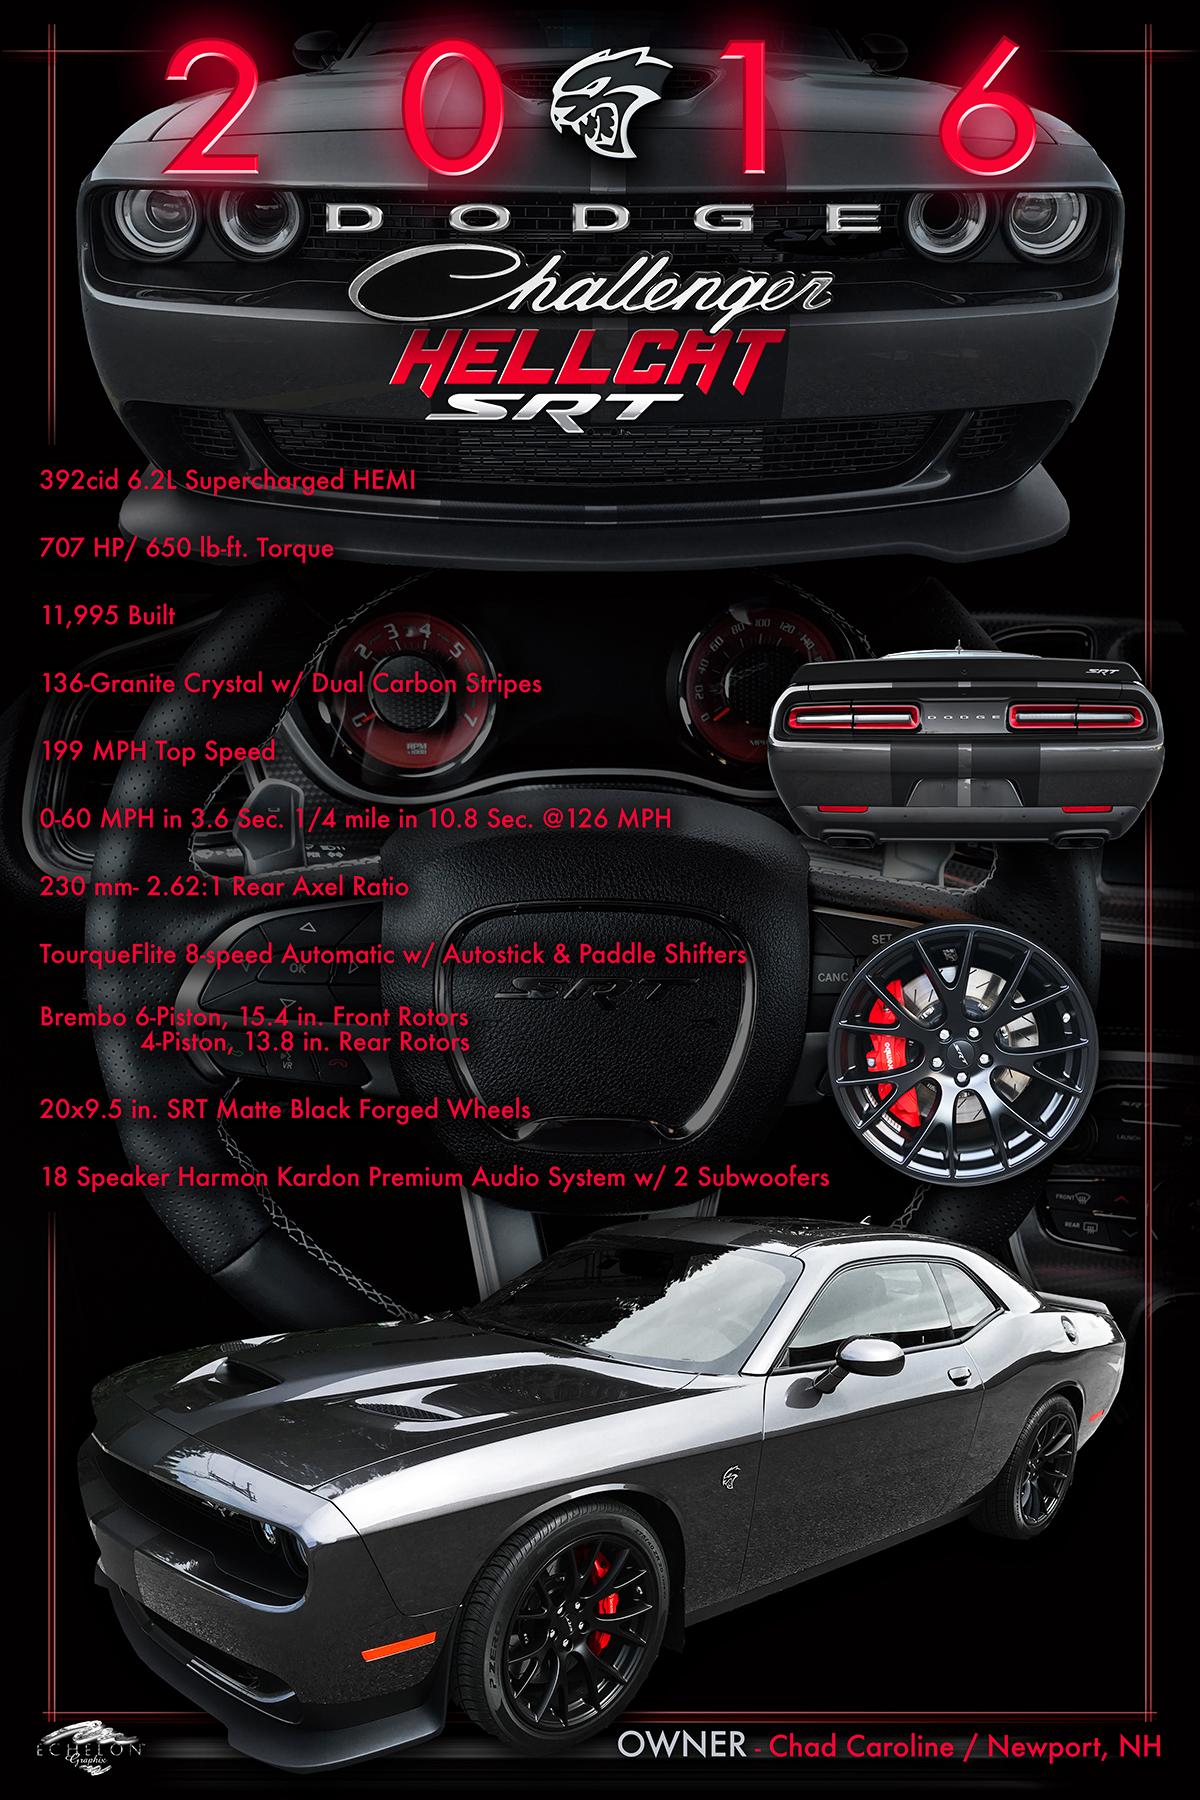 2016 Hellcatproof3